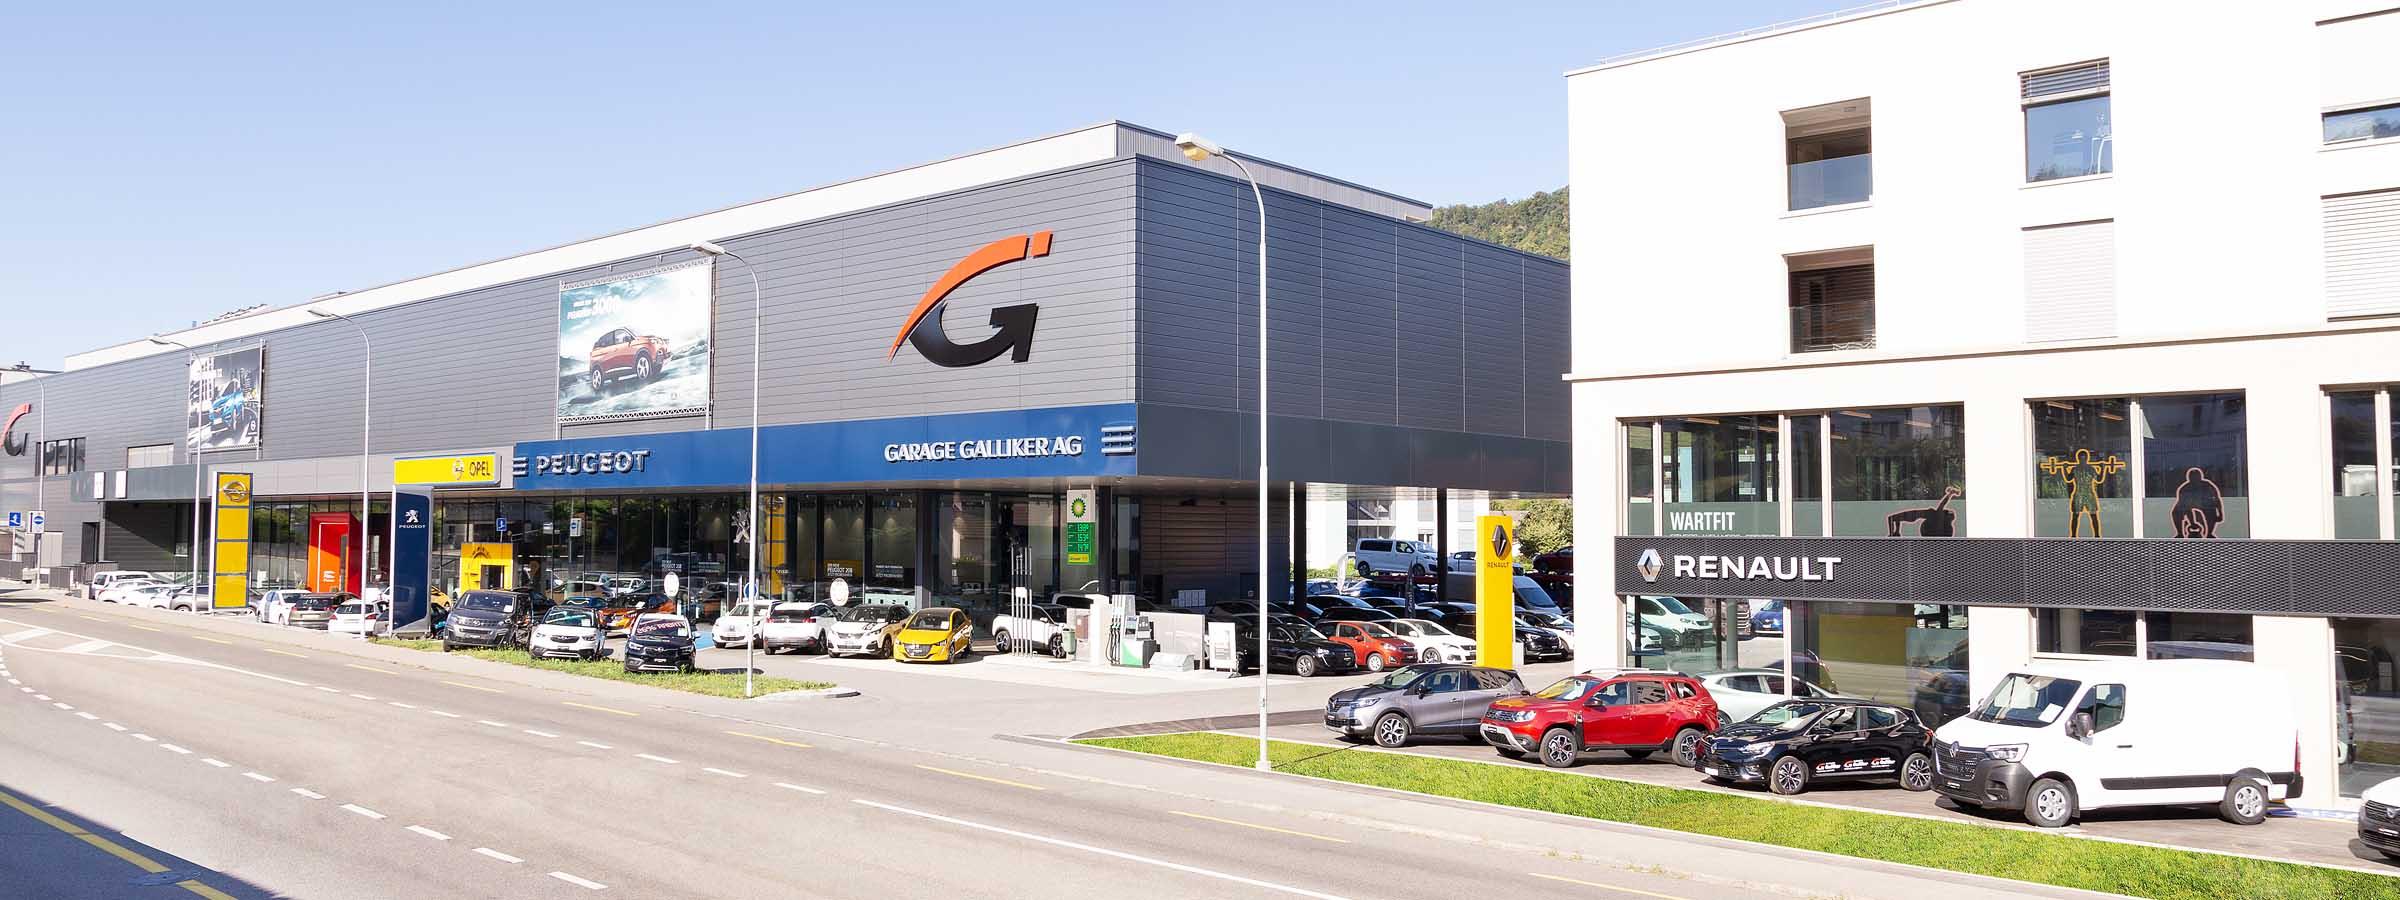 Garage Galliker Aarburg Aargau